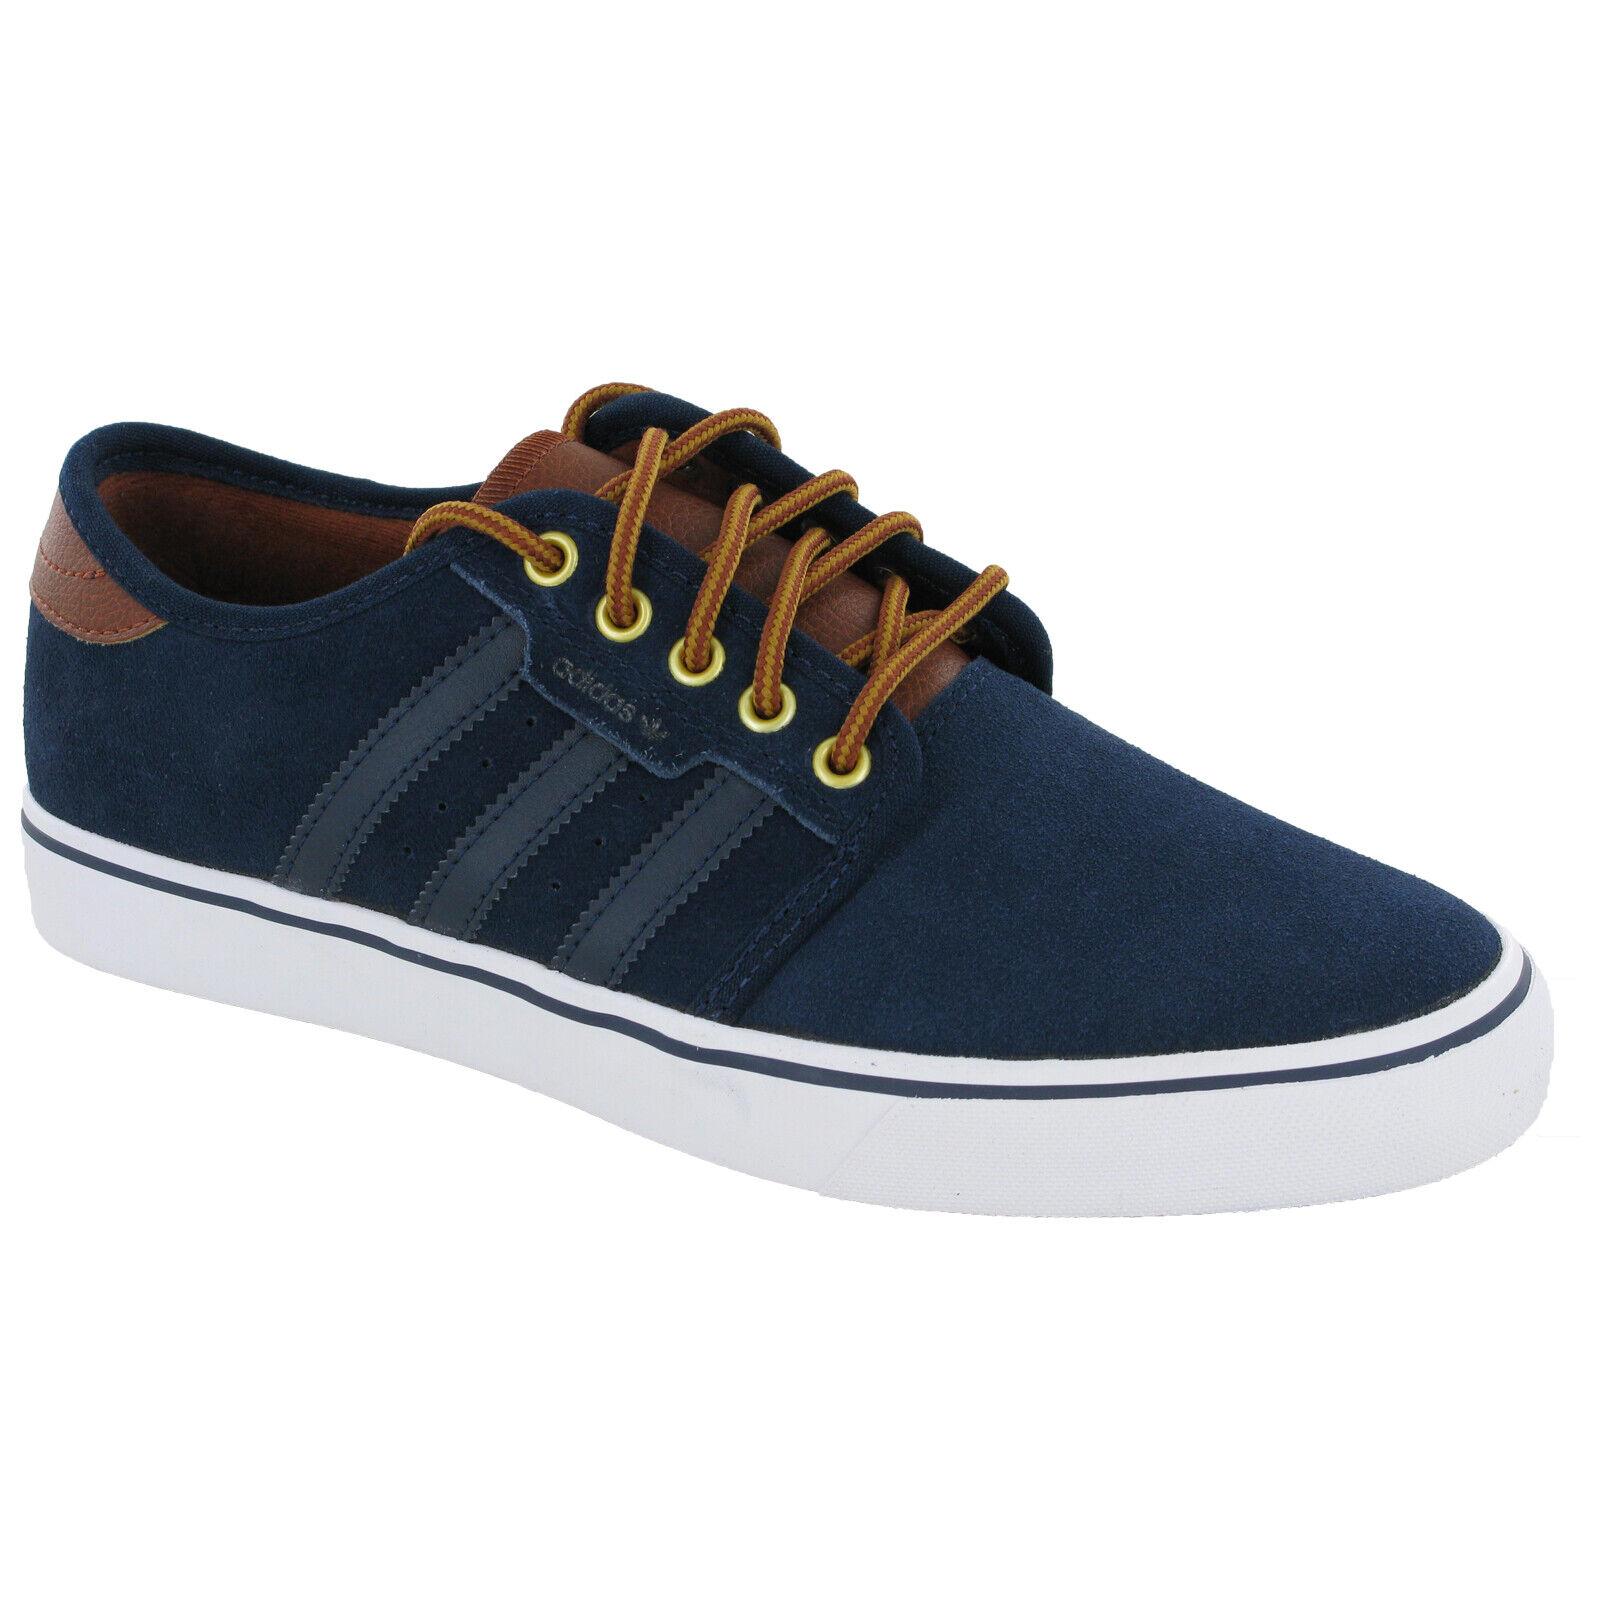 Adidas Seeley Zapatos Casual Hombre Zapatillas Deportivas F37423